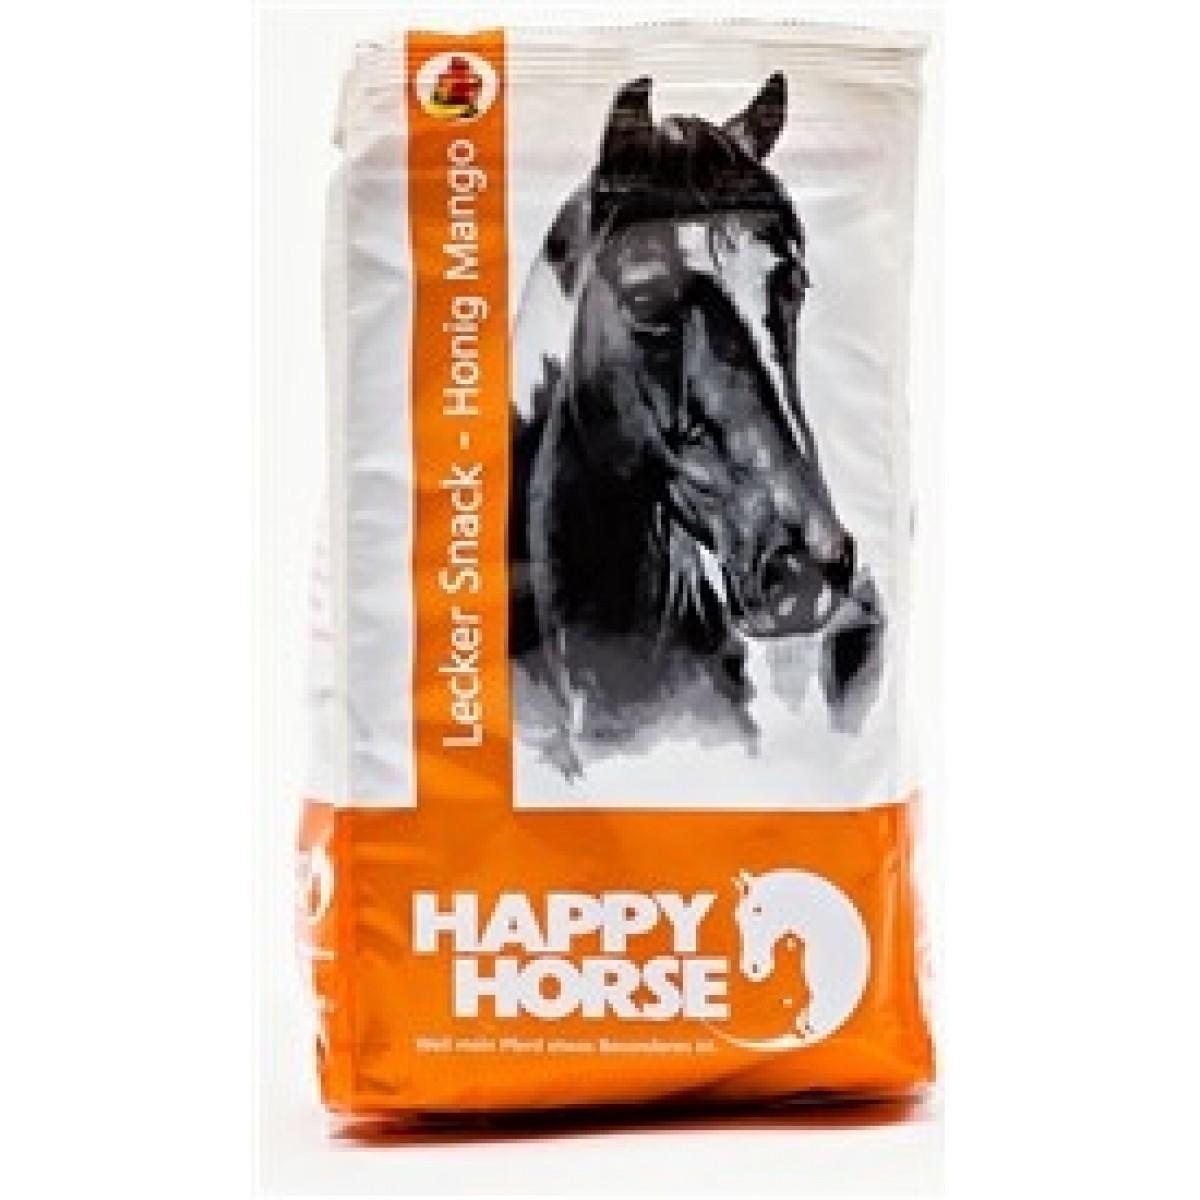 Happy Horse honning/mango